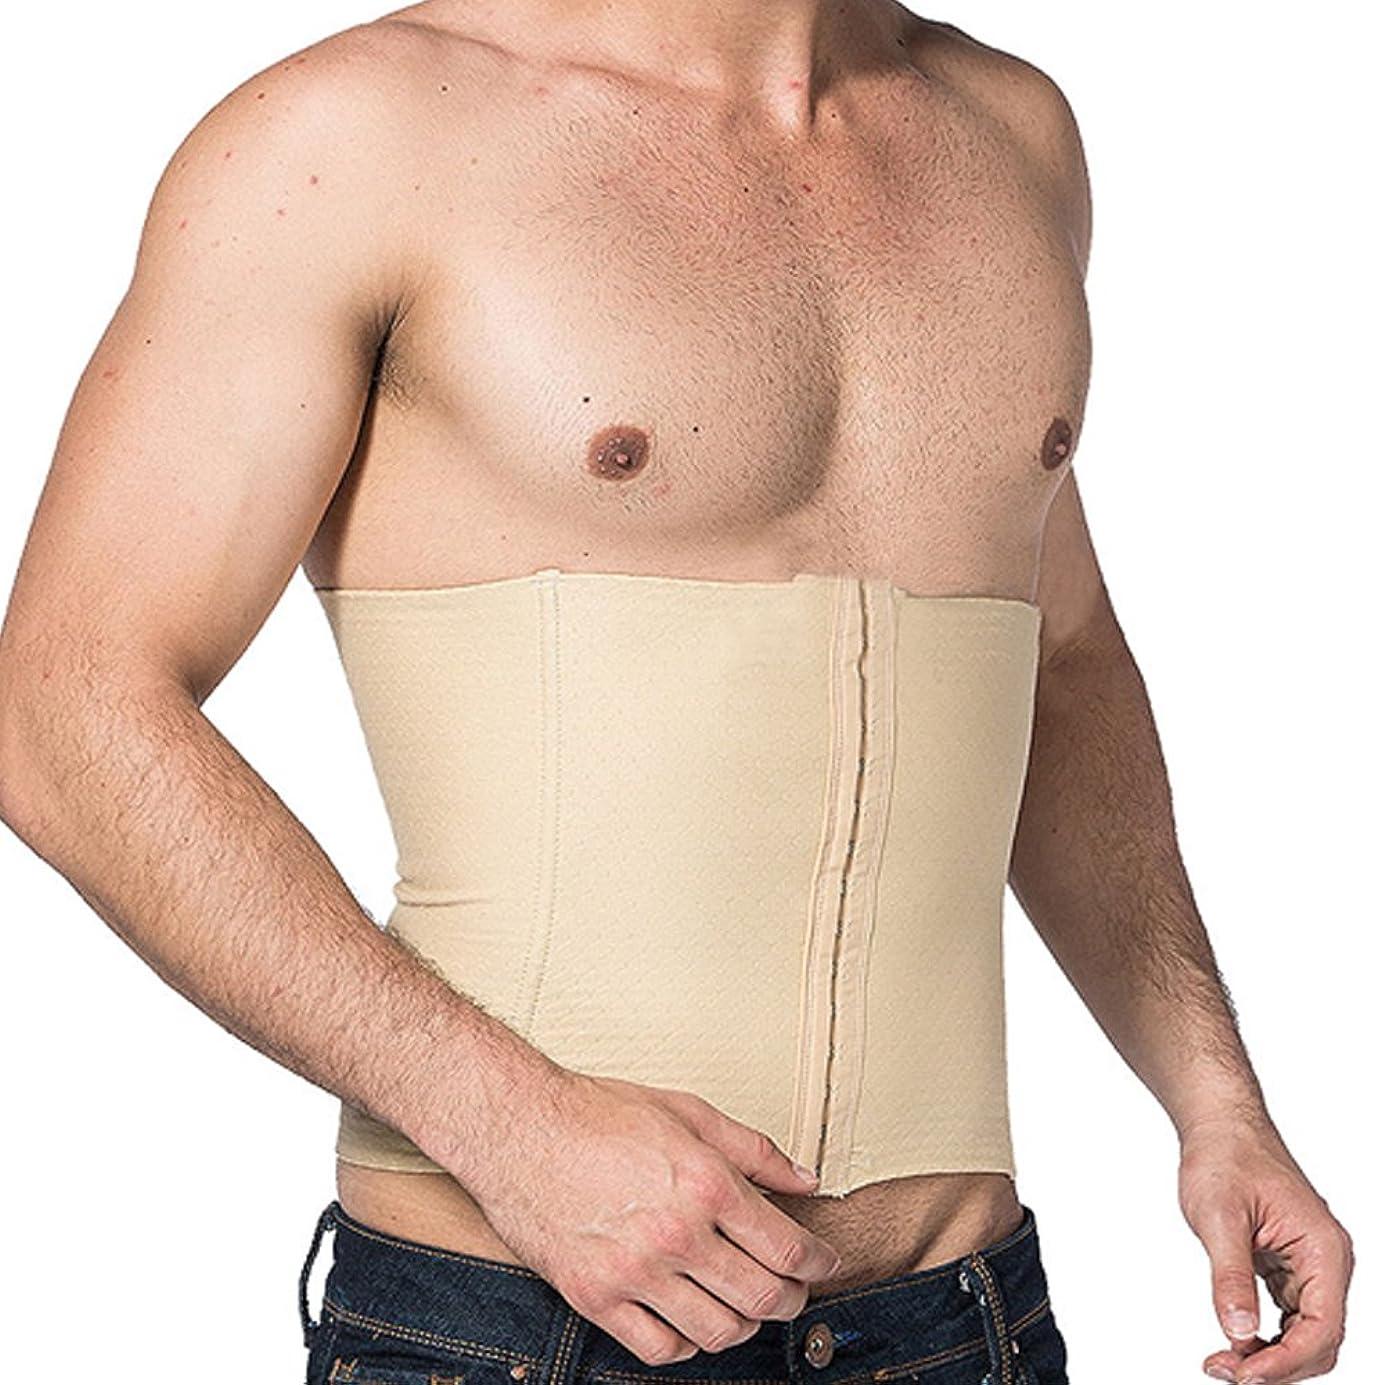 個人的にエジプトジャケットSmato ウエストニッパー 腰用 コルセット ウエスト サポーター ダイエット腹巻 加圧ベルト お腹 引き締め 腰痛 腰椎ベルト 大きいサイズ 男女兼用 (XL(77cm~87cm), ベージュ)